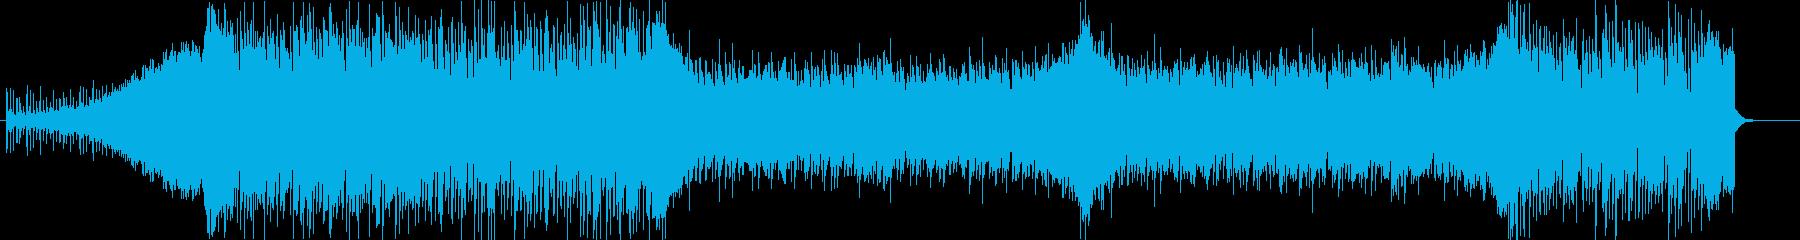 MidnightRun60sバージョンの再生済みの波形